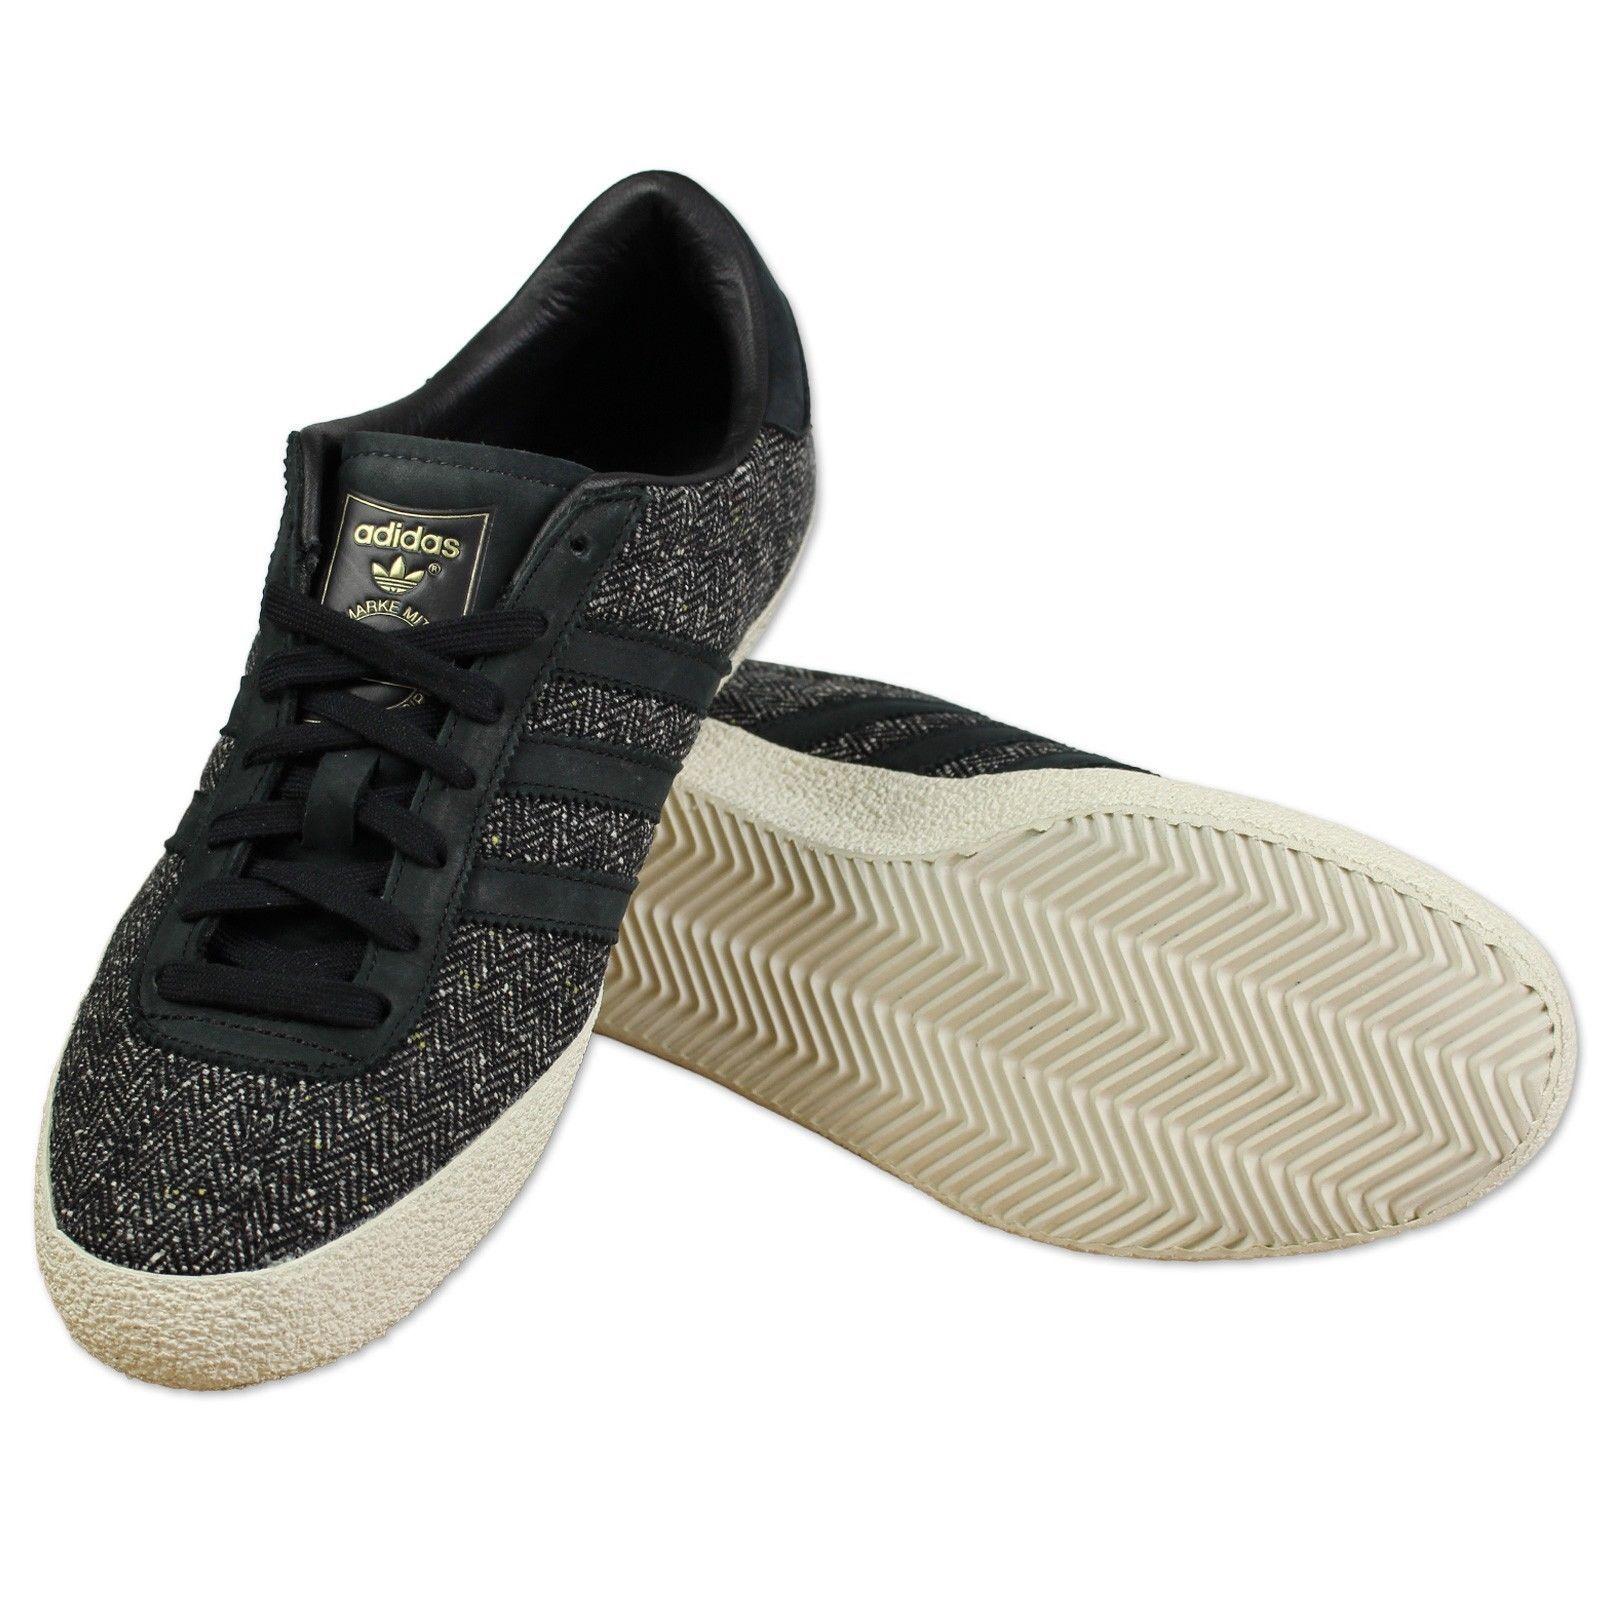 adidas gazelle 70er - originale turnschuhe neue männer - 70er größe 8 schwarz / weiß b5f33a